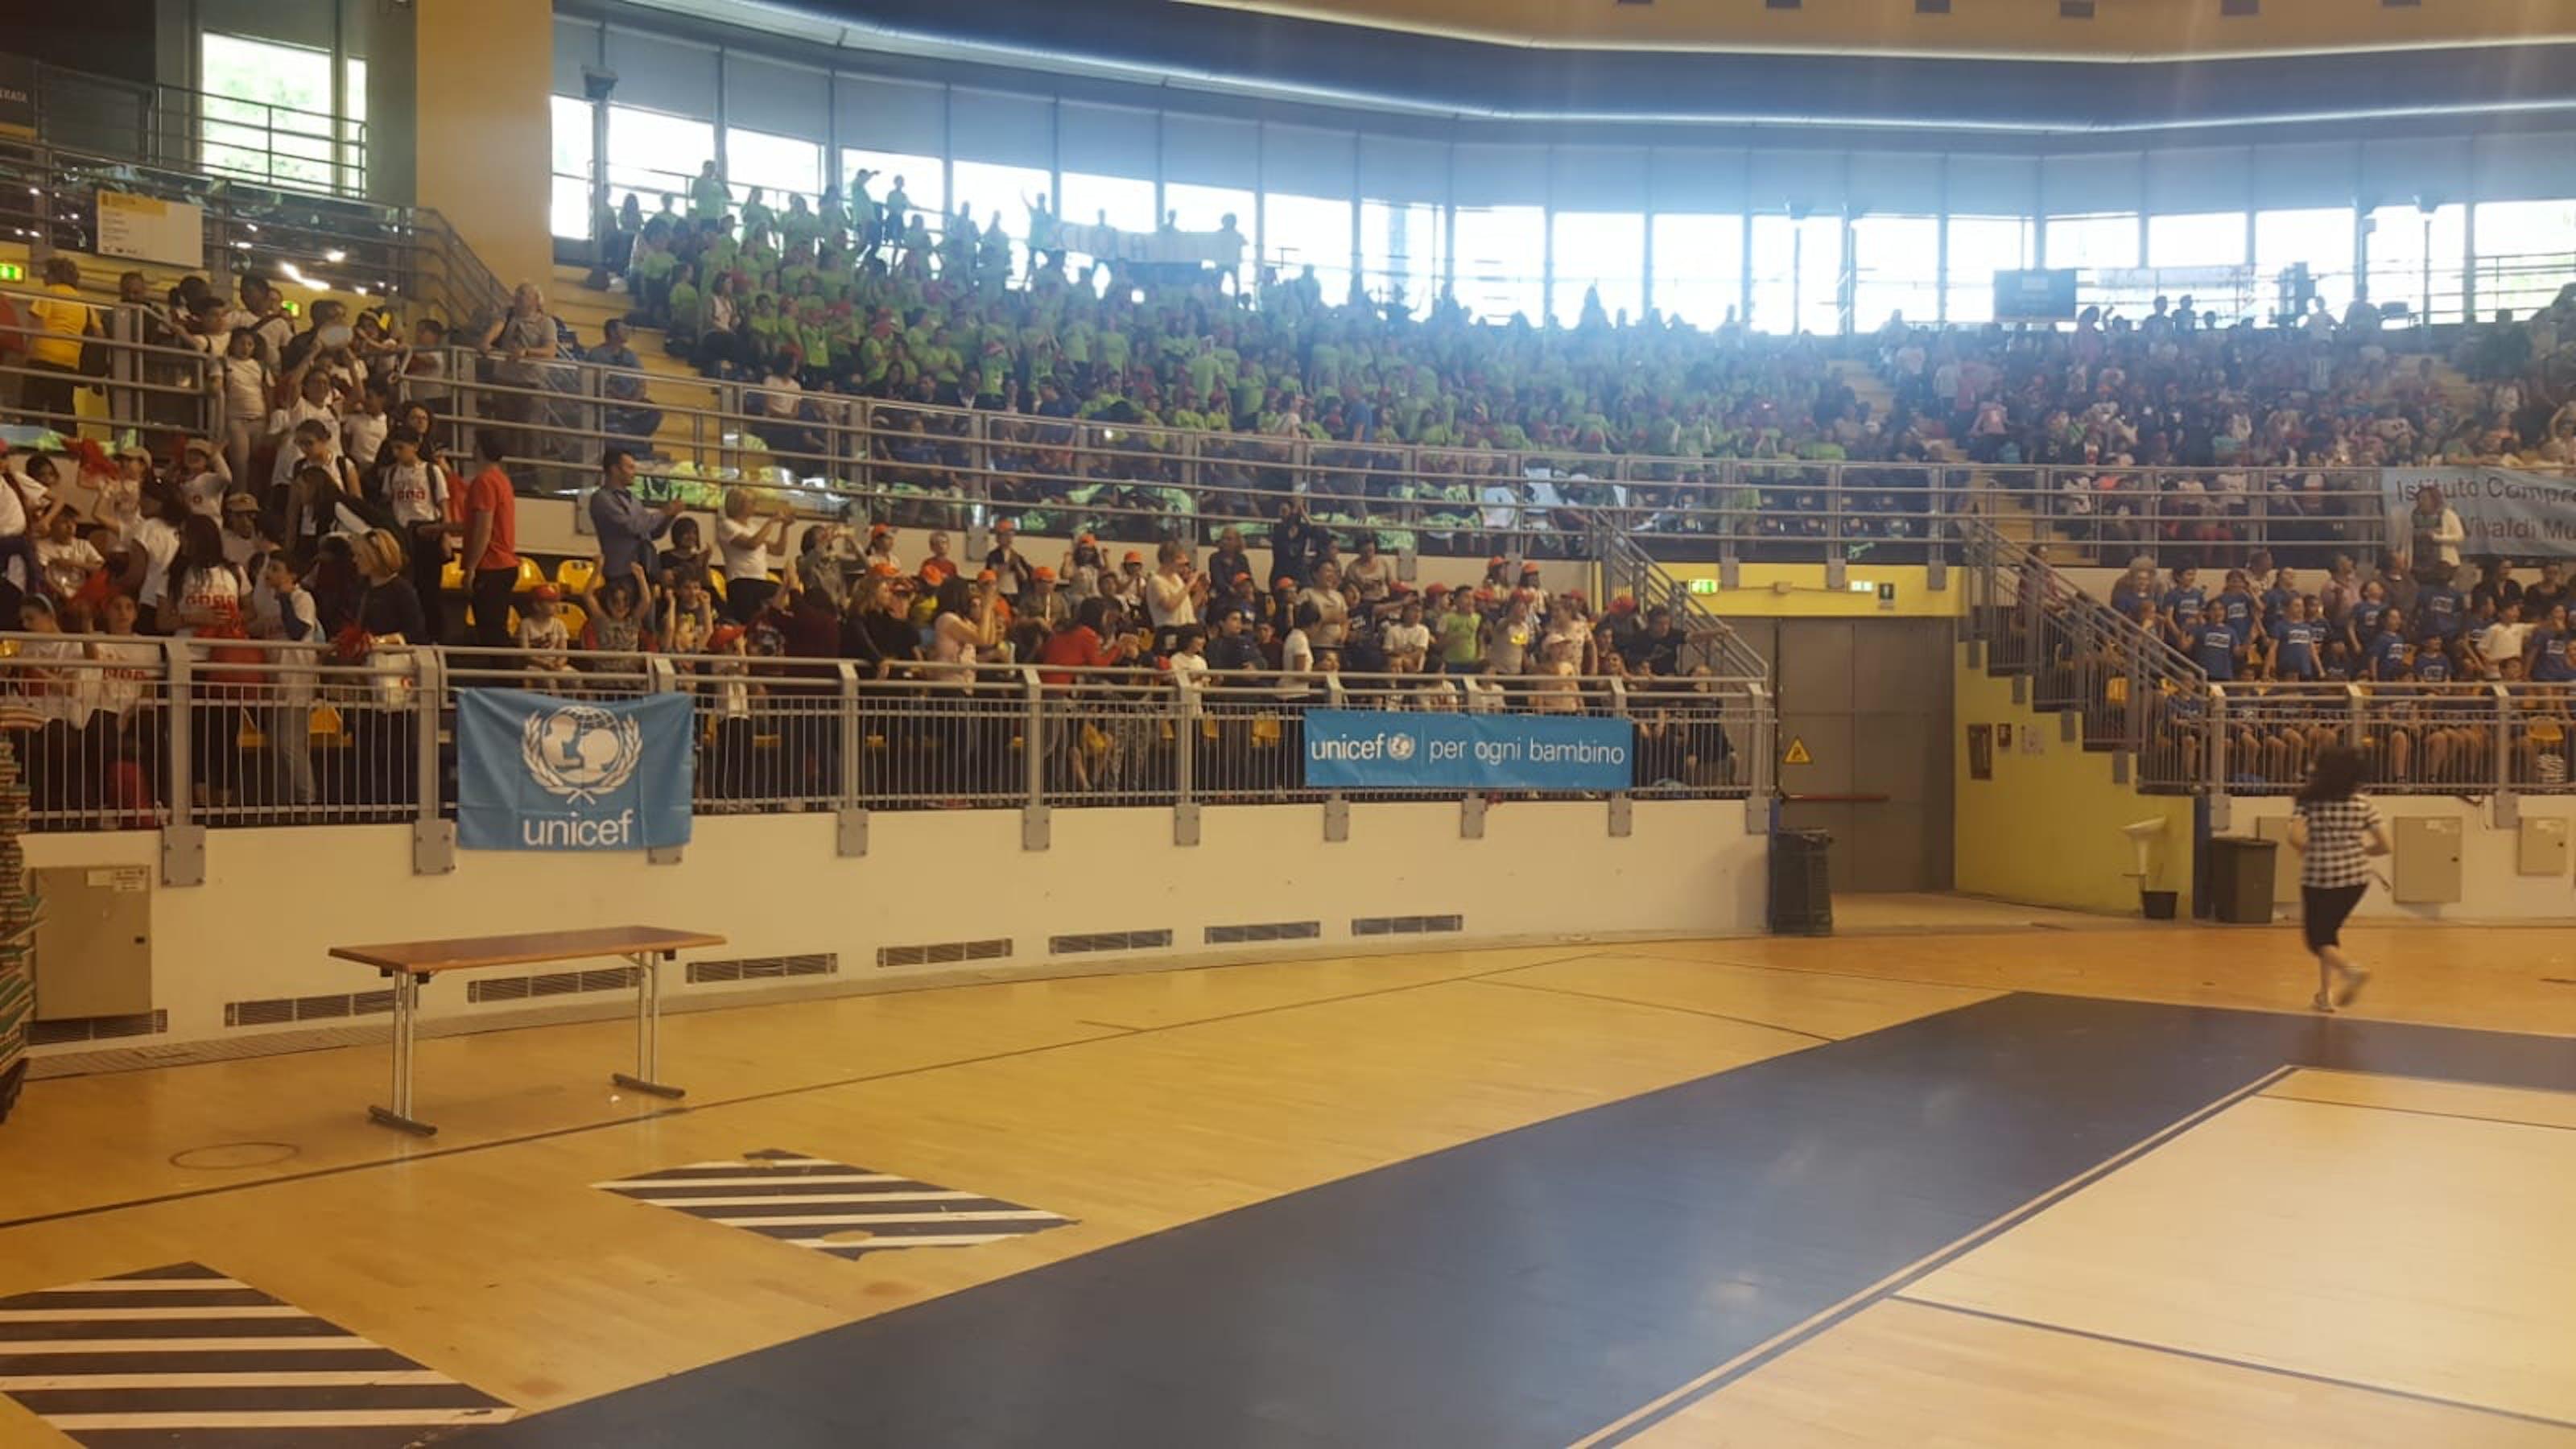 """""""Un Giorno per Sport"""" con quattromila studenti e l'UNICEF al Parco Ruffini di Torino"""